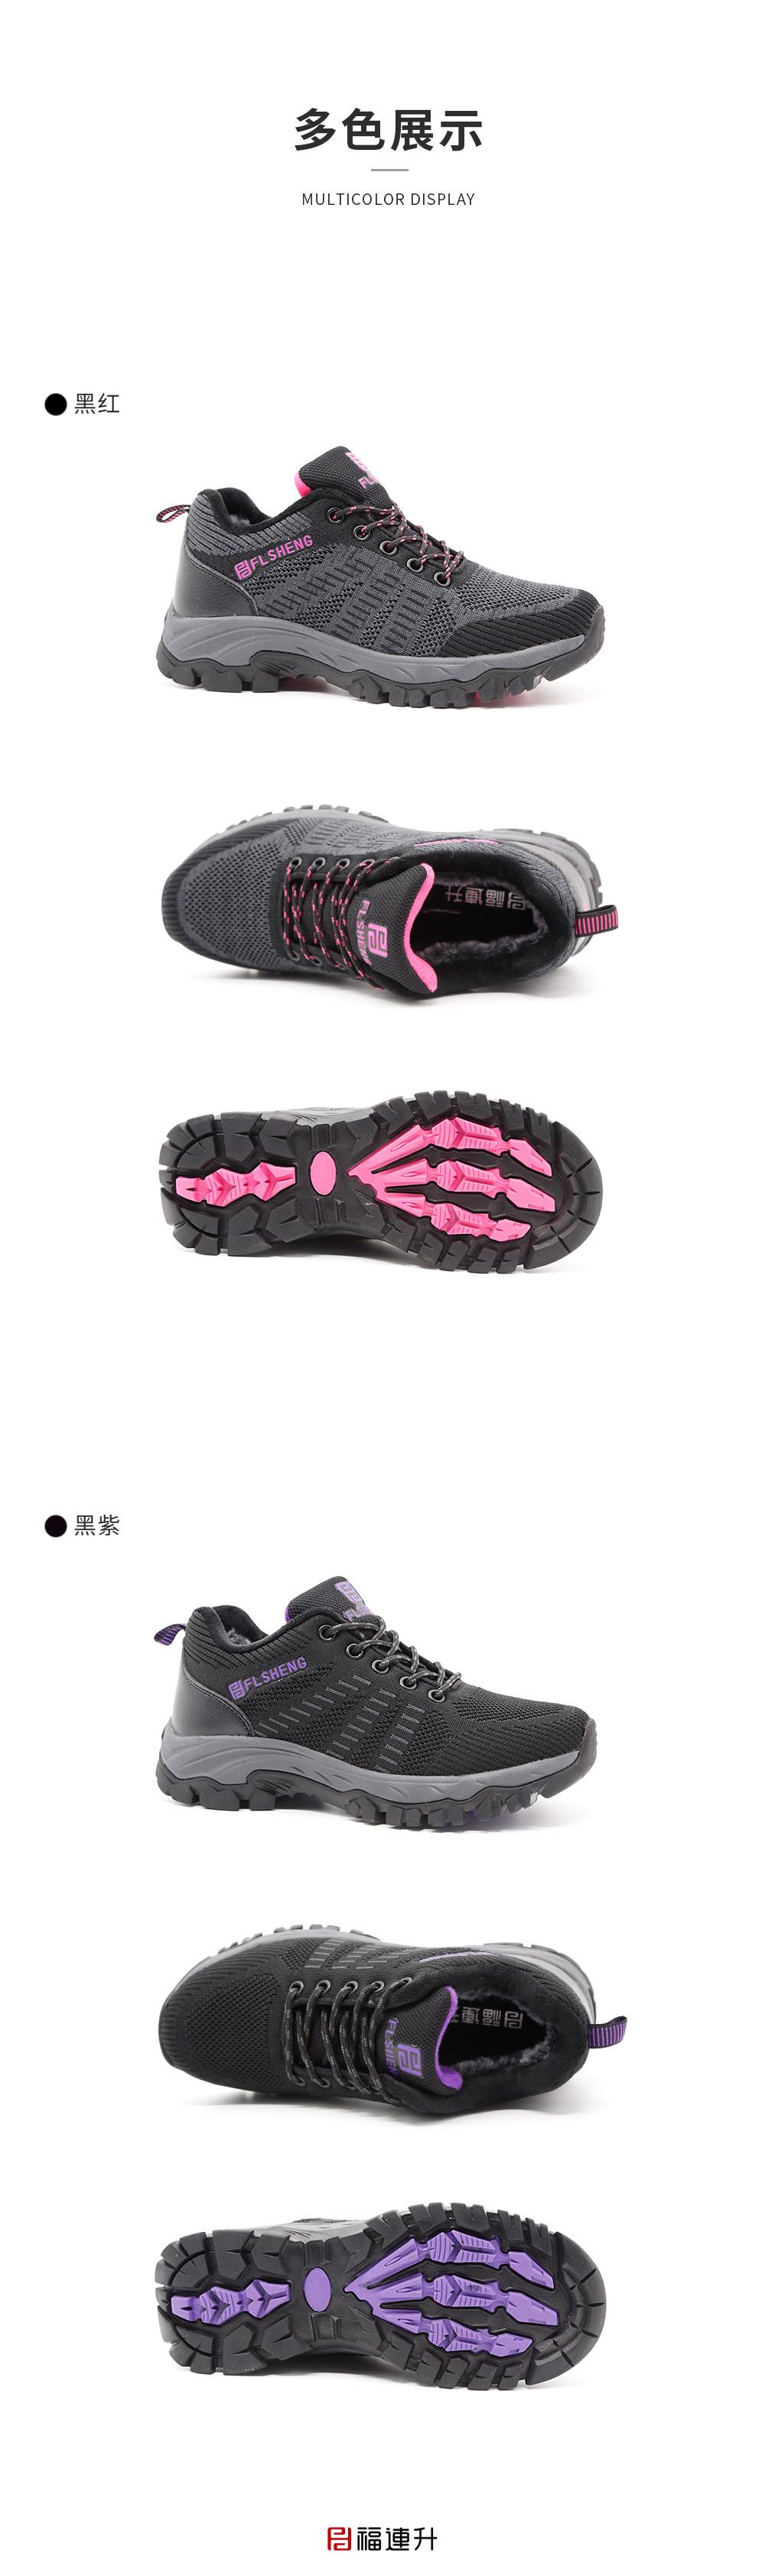 福连升冬季女鞋轻便旅游鞋中年健步鞋软底舒适休闲运动鞋图片